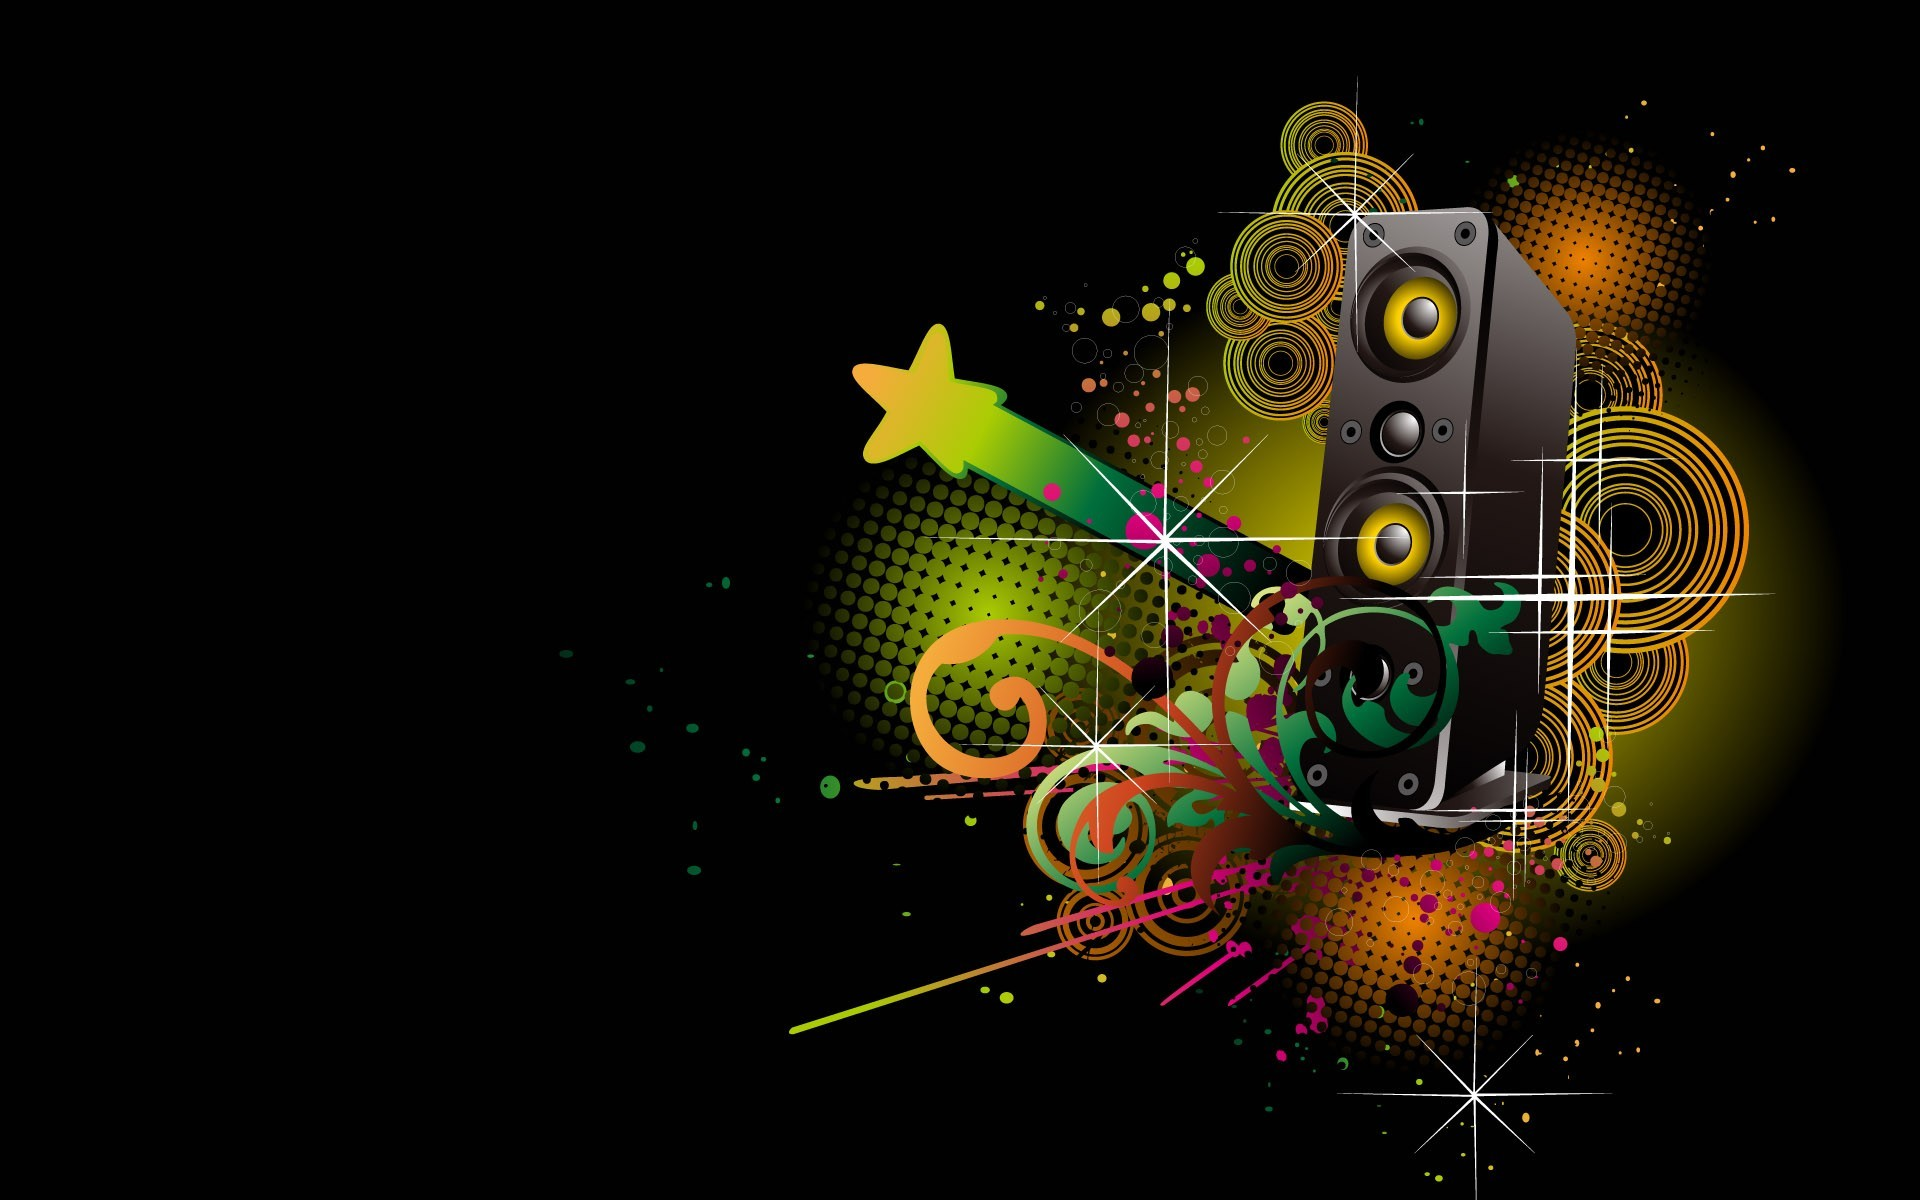 Dj Logo Wallpaper Desktop